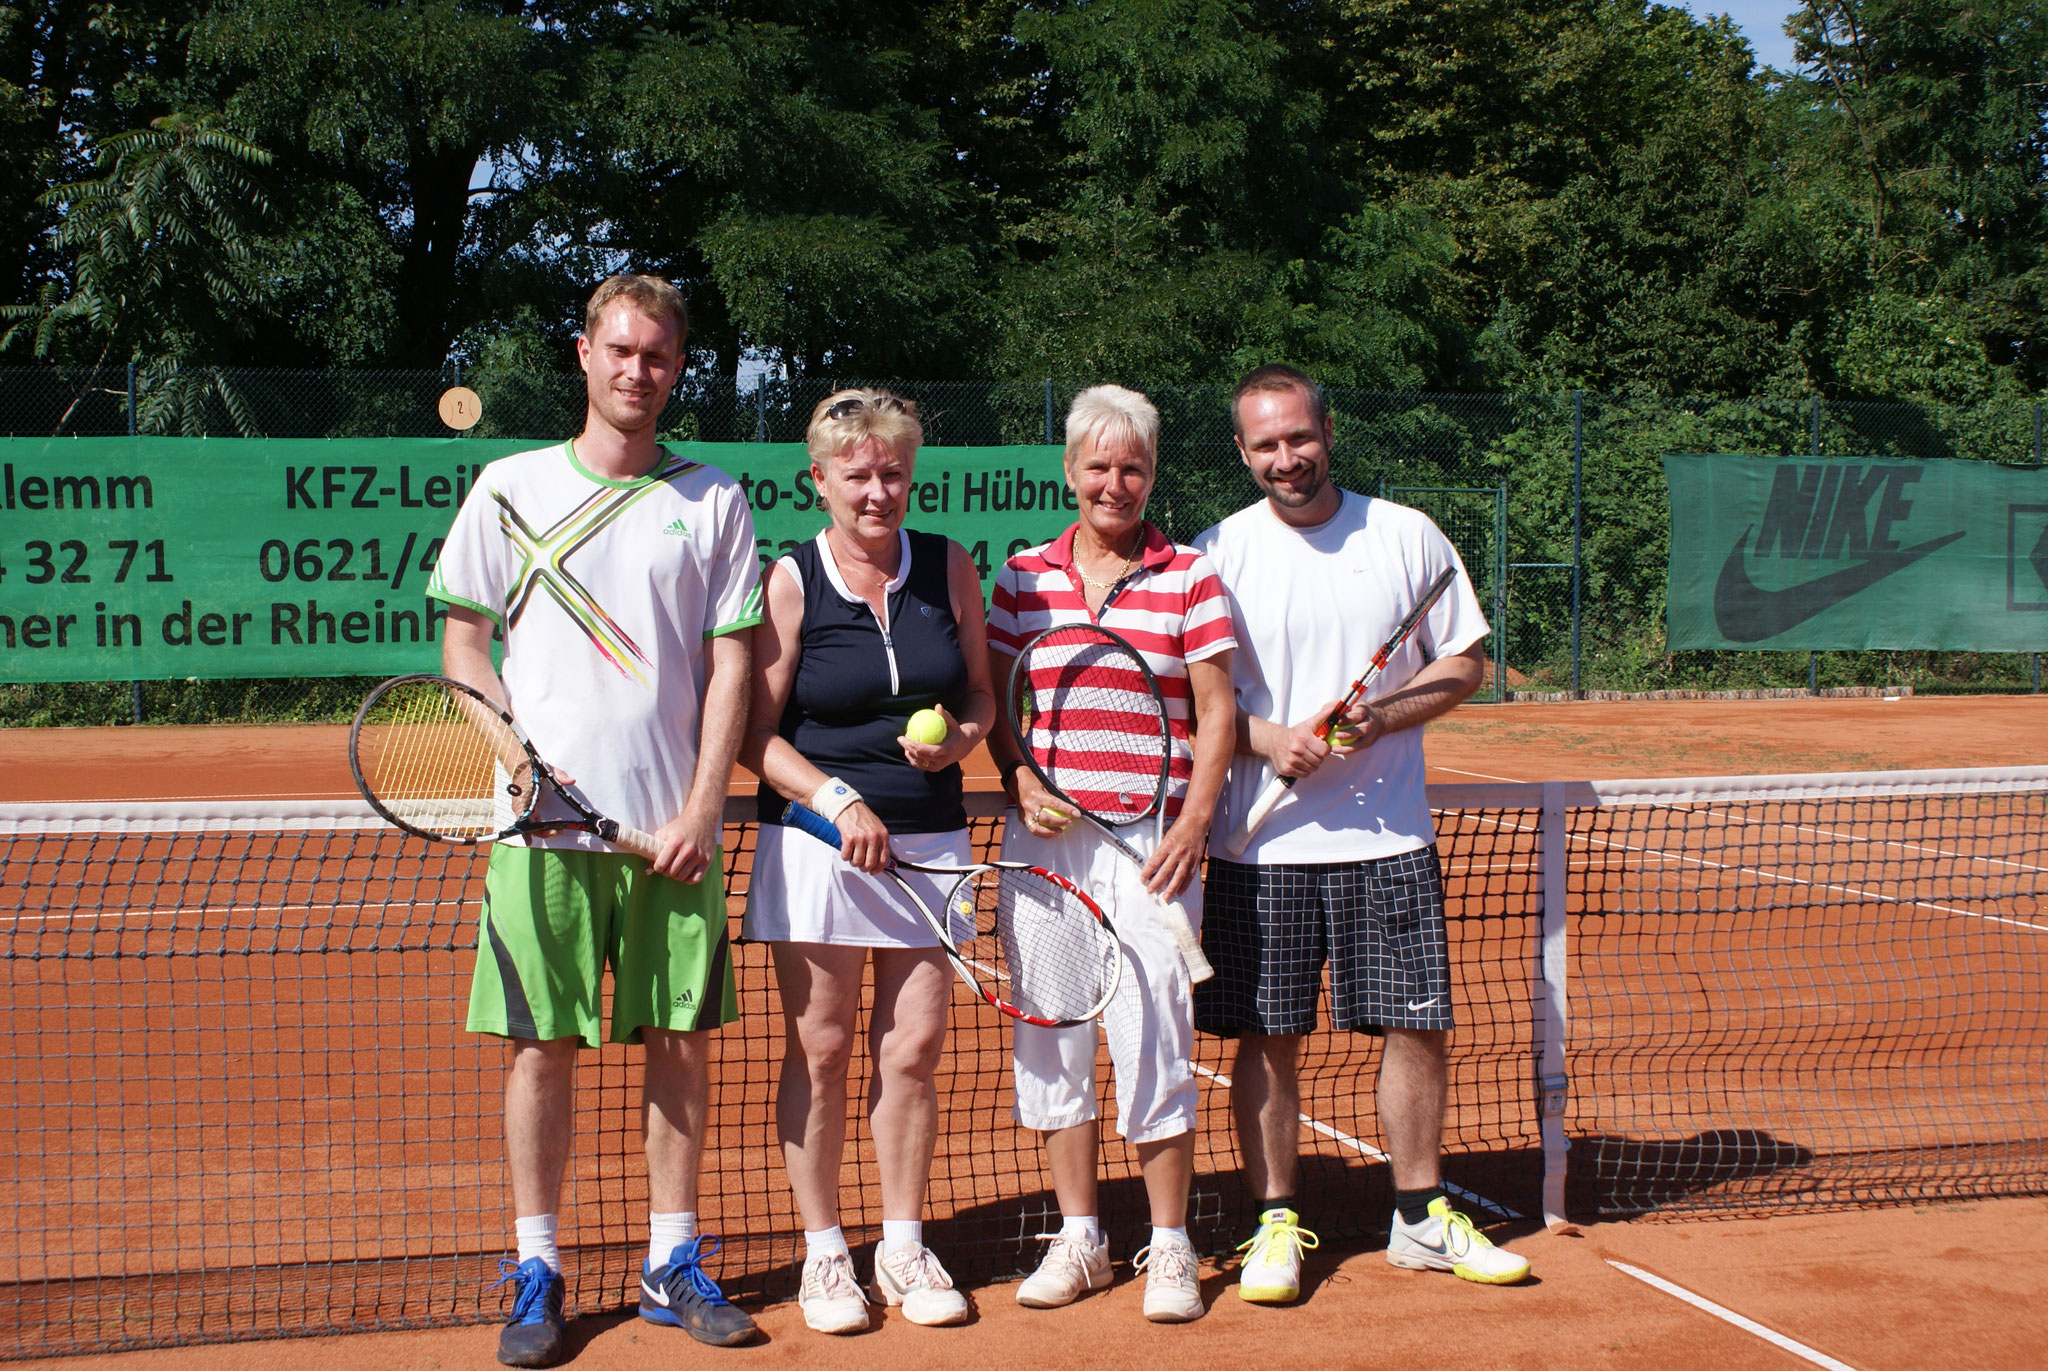 v.l.n.r. André und Monika Weinsheimer, Brigitte und Daniel Roos